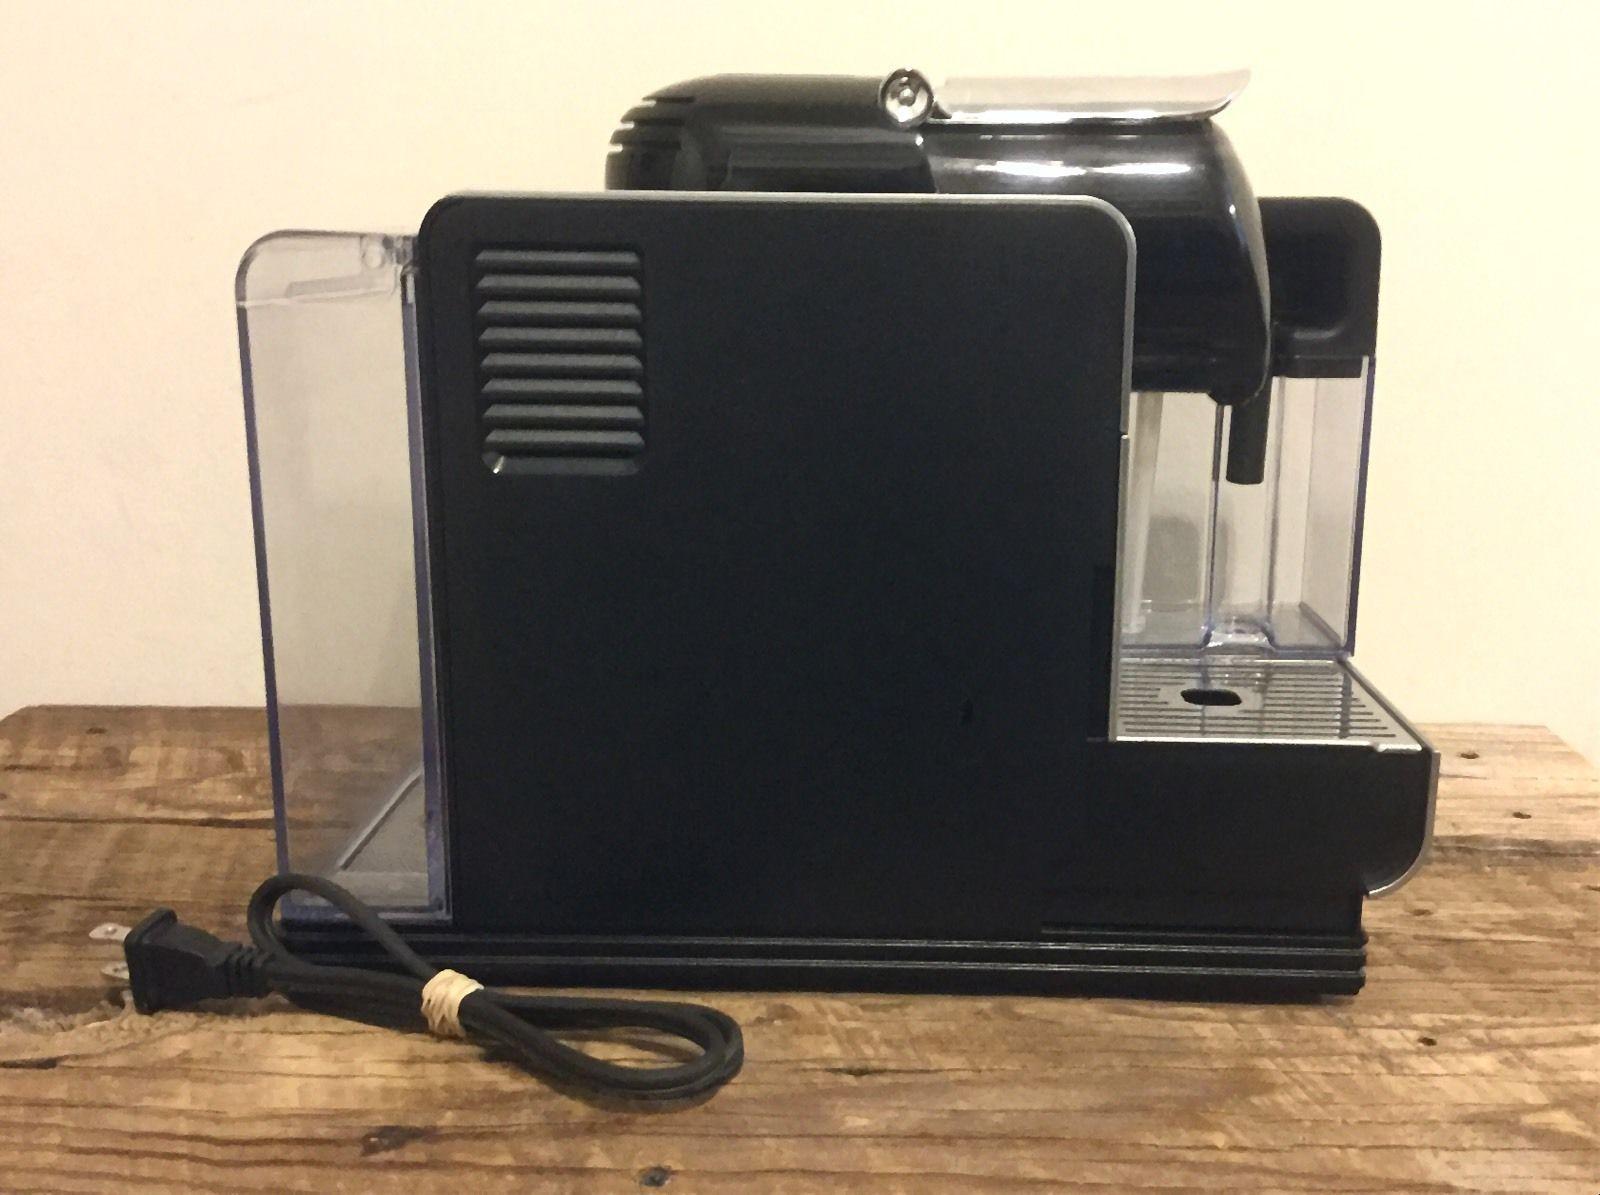 delonghi lattissima plus en520s nespresso capsule espresso cappuccino maker espresso machines. Black Bedroom Furniture Sets. Home Design Ideas